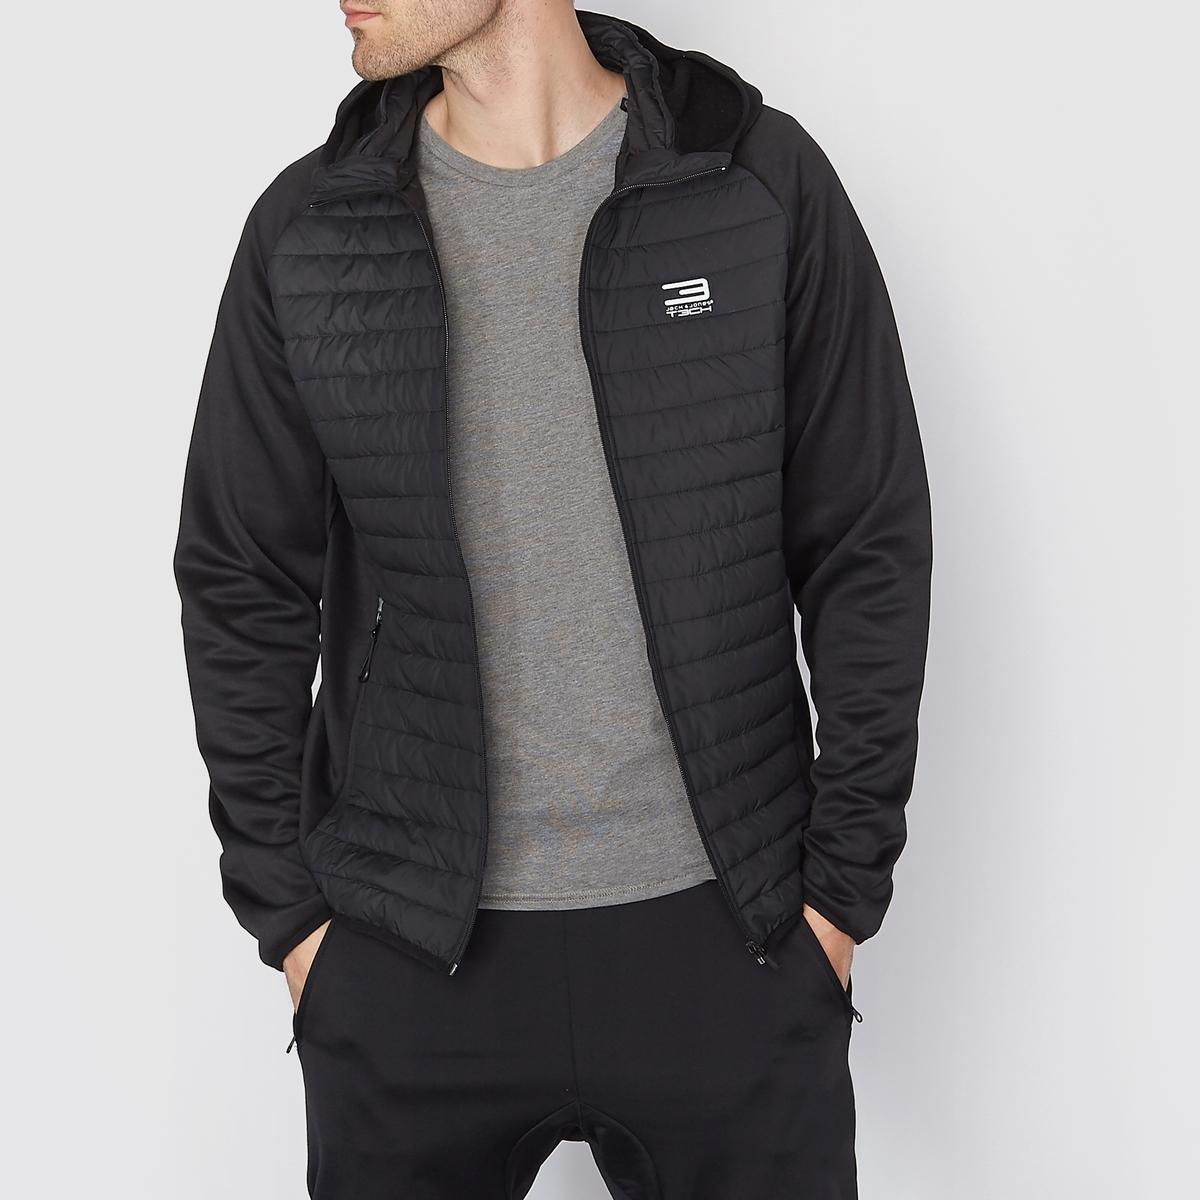 Куртка стеганая с капюшономТонкая стеганая куртка с капюшоном - JACK &amp; JONES. Прямой покрой, высокий воротник. Застежка на молнию . Рукава без стеганой подкладки. Детали из светоотражающей ткани. 2 кармана с застежкой на молнию.Состав и описаниеМатериал : Ткань с водоотталкивающей пропиткой 100% полиэстераМарка : JACK &amp; JONES<br><br>Цвет: черный<br>Размер: XXL.L.M